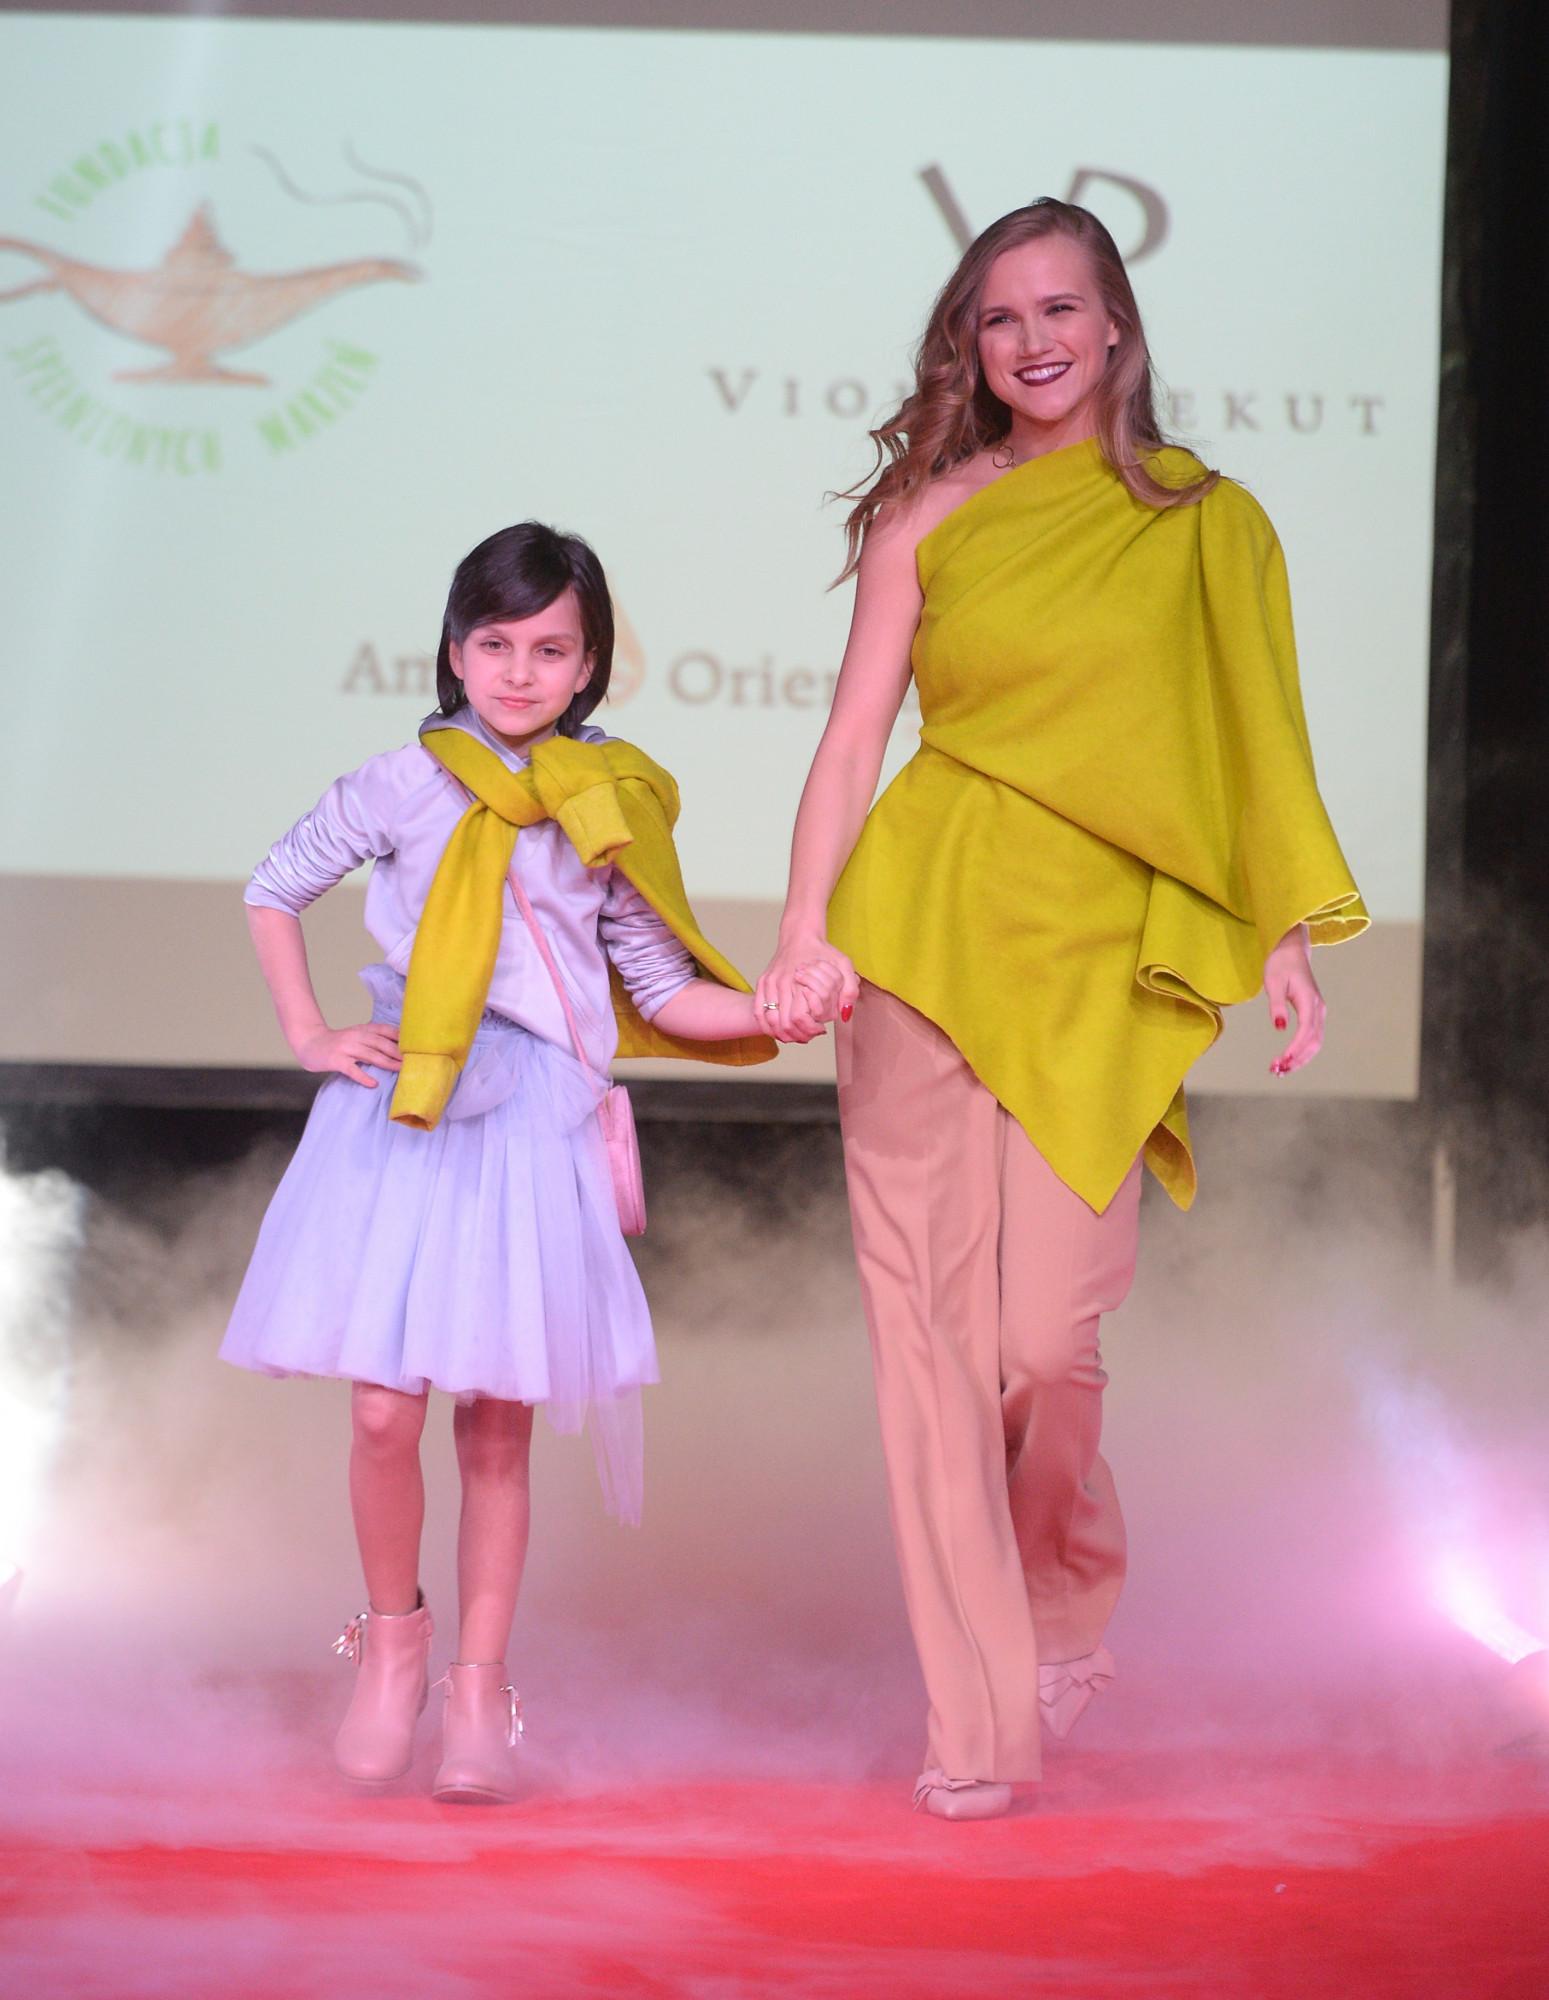 BlogStar: Dzieci dzieciom w kreacjach Violi Piekut - BlogStar.pl